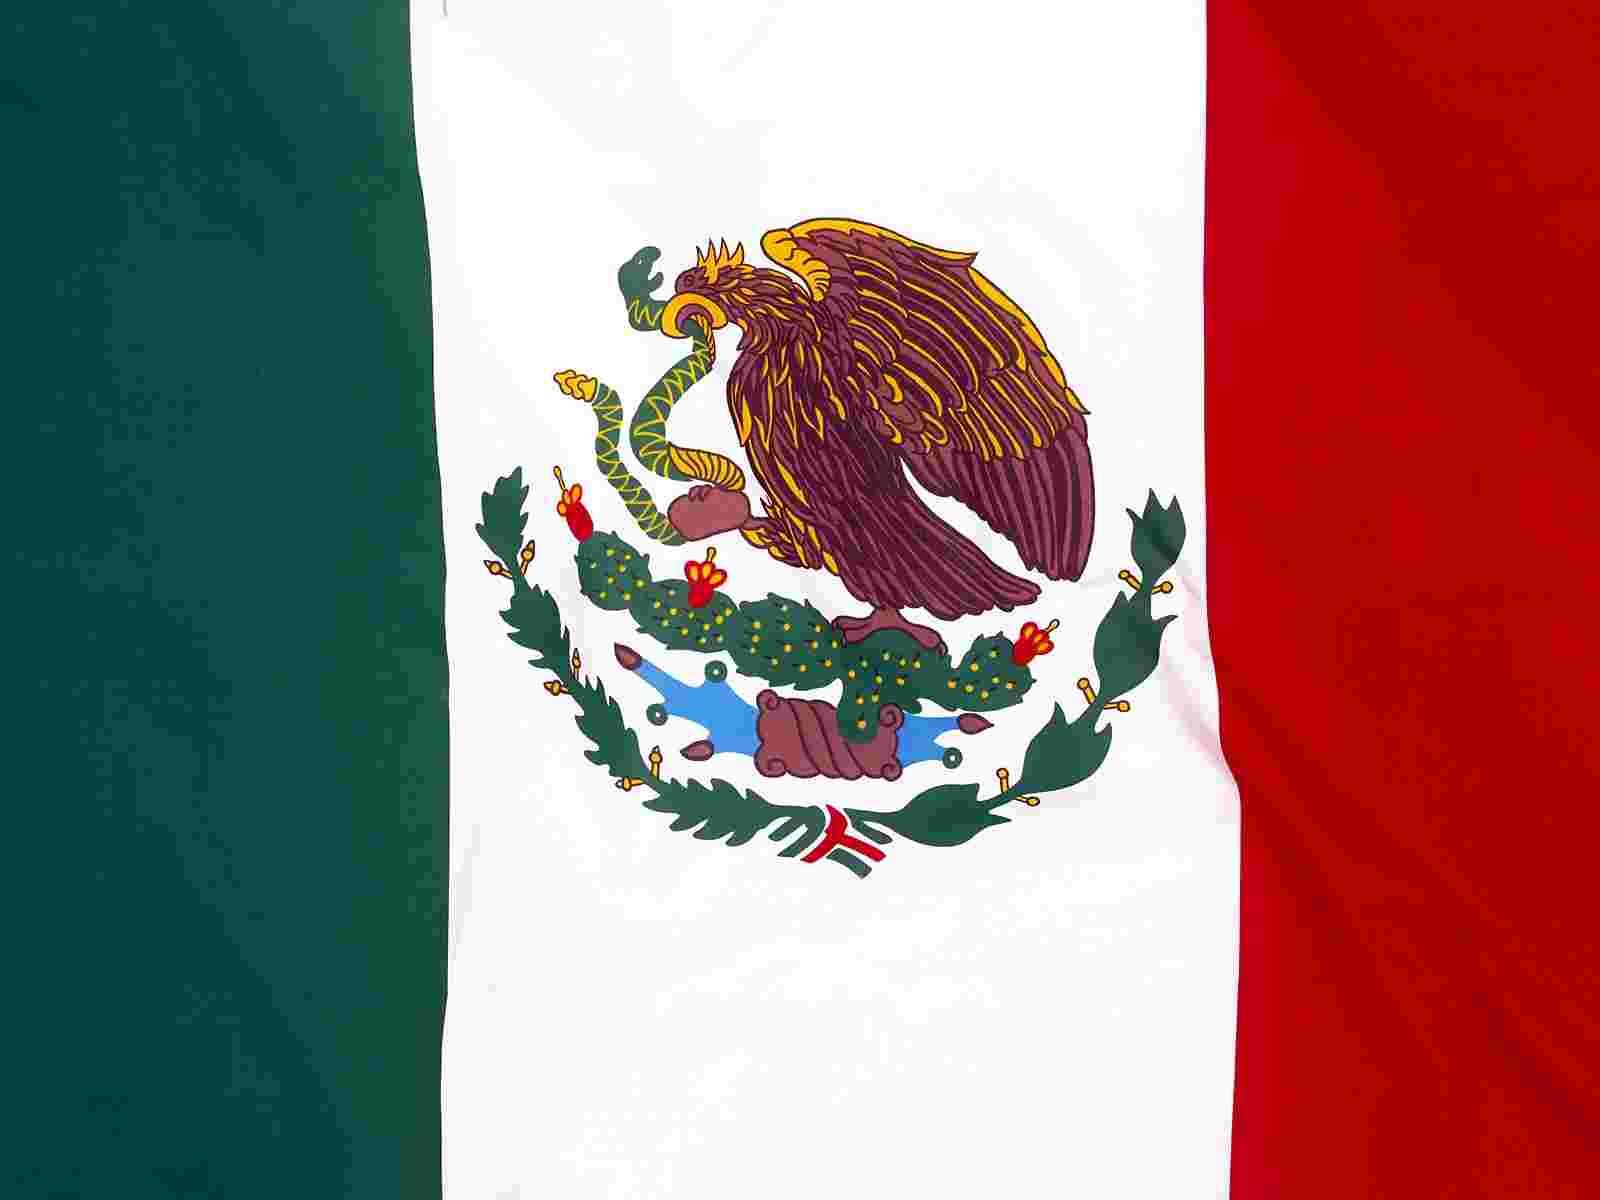 mexico flag mexico wallpaper mexican flag mexican taste wallpaper 1600x1200